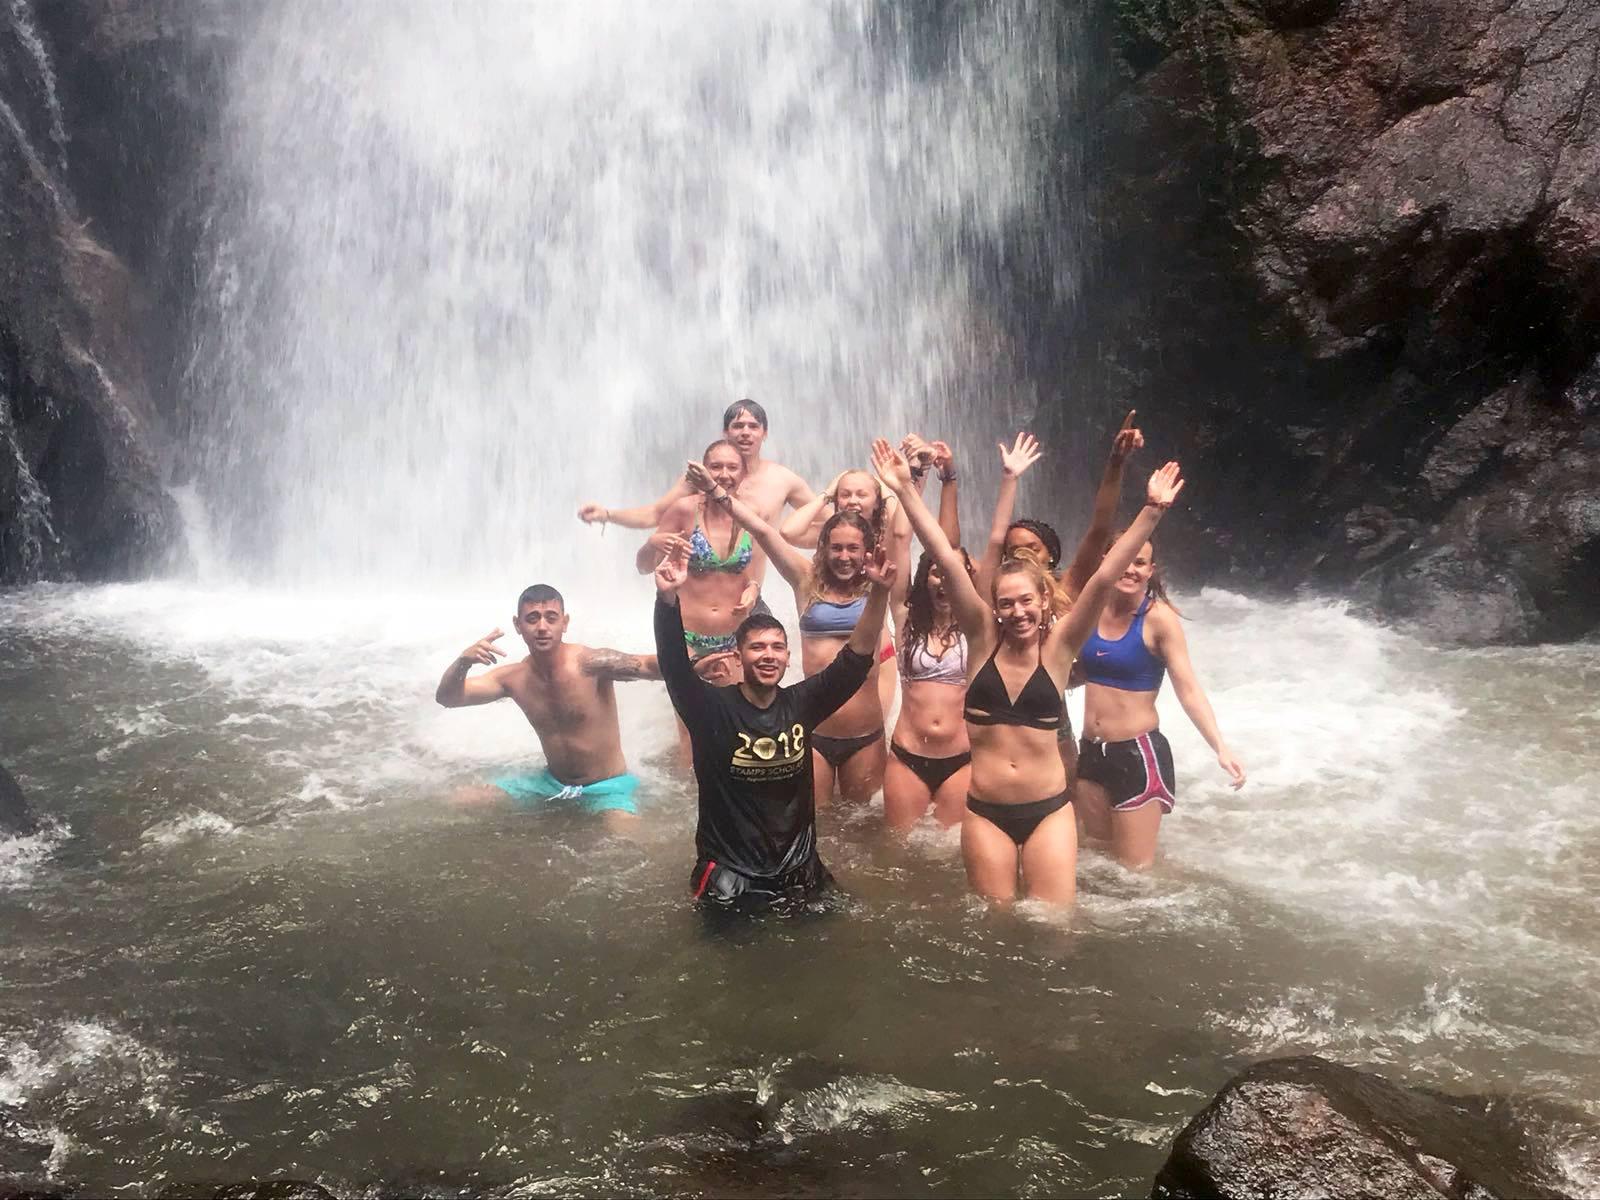 SIHFers in La Merced, Peru exploring waterfalls and natural swimming pools